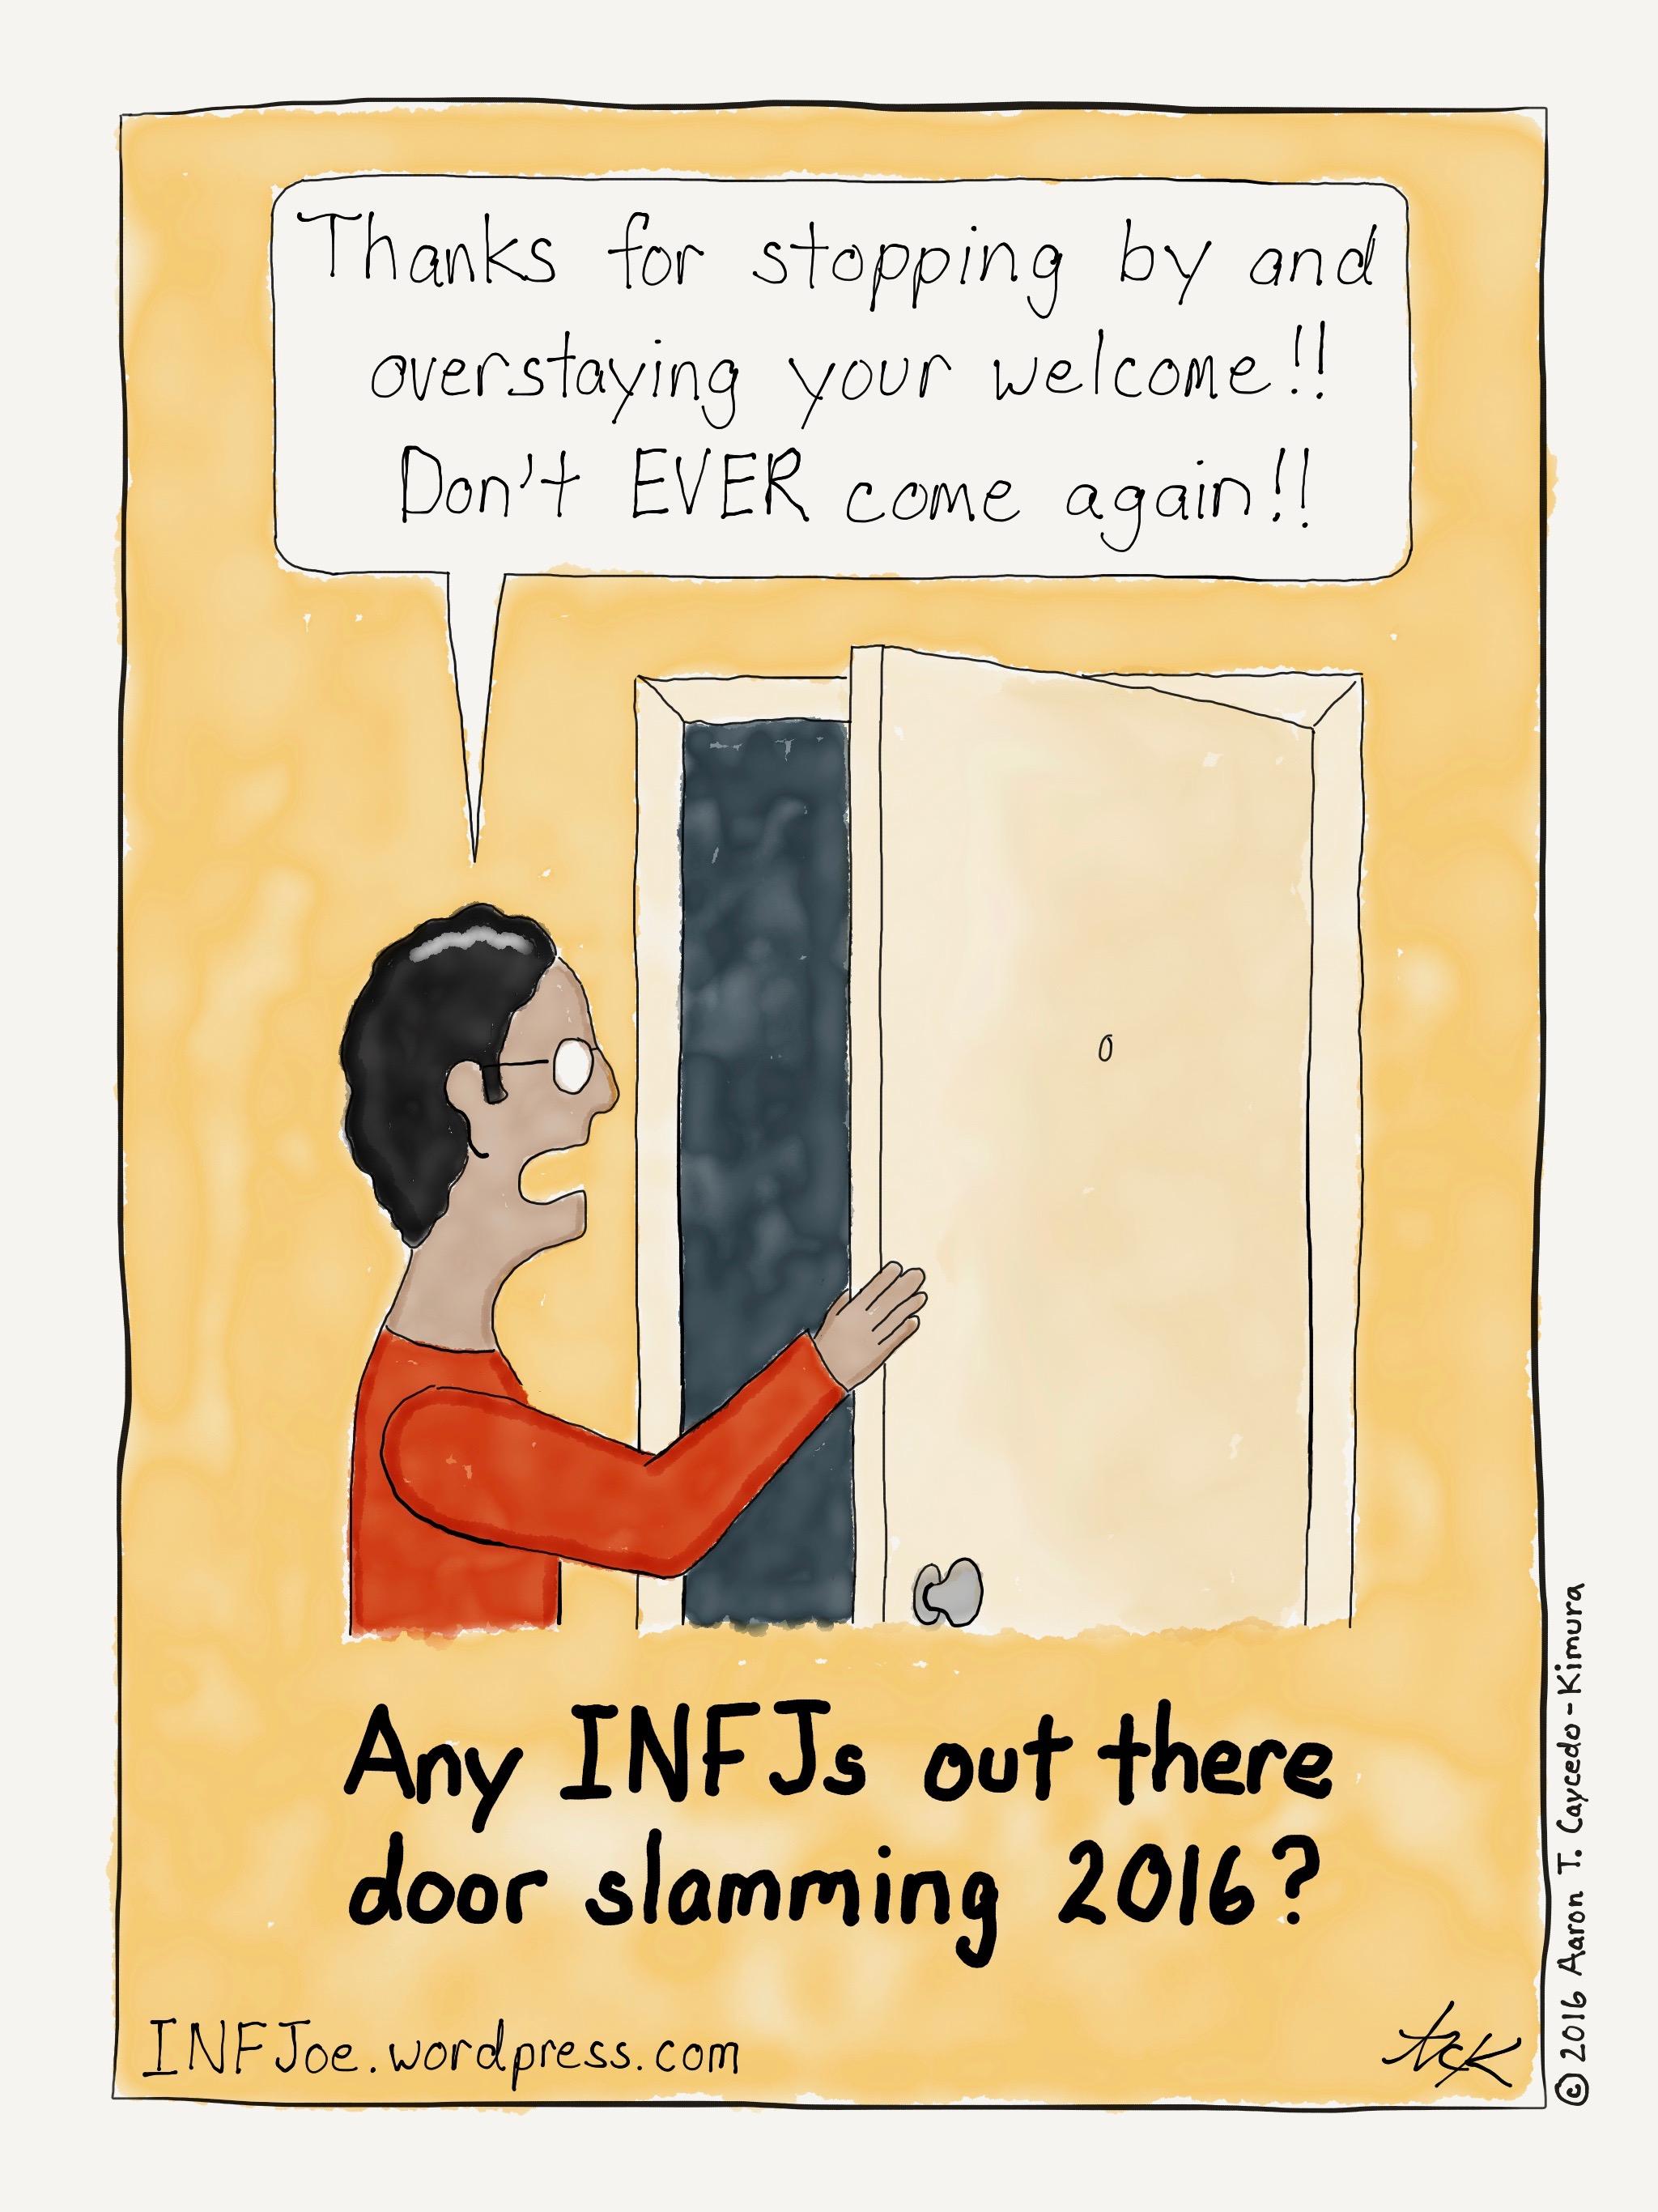 #INFJ Door Slamming | INFJoe Cartoons  sc 1 st  INFJoe Cartoons - WordPress.com & INFJ Door Slamming | INFJoe Cartoons pezcame.com